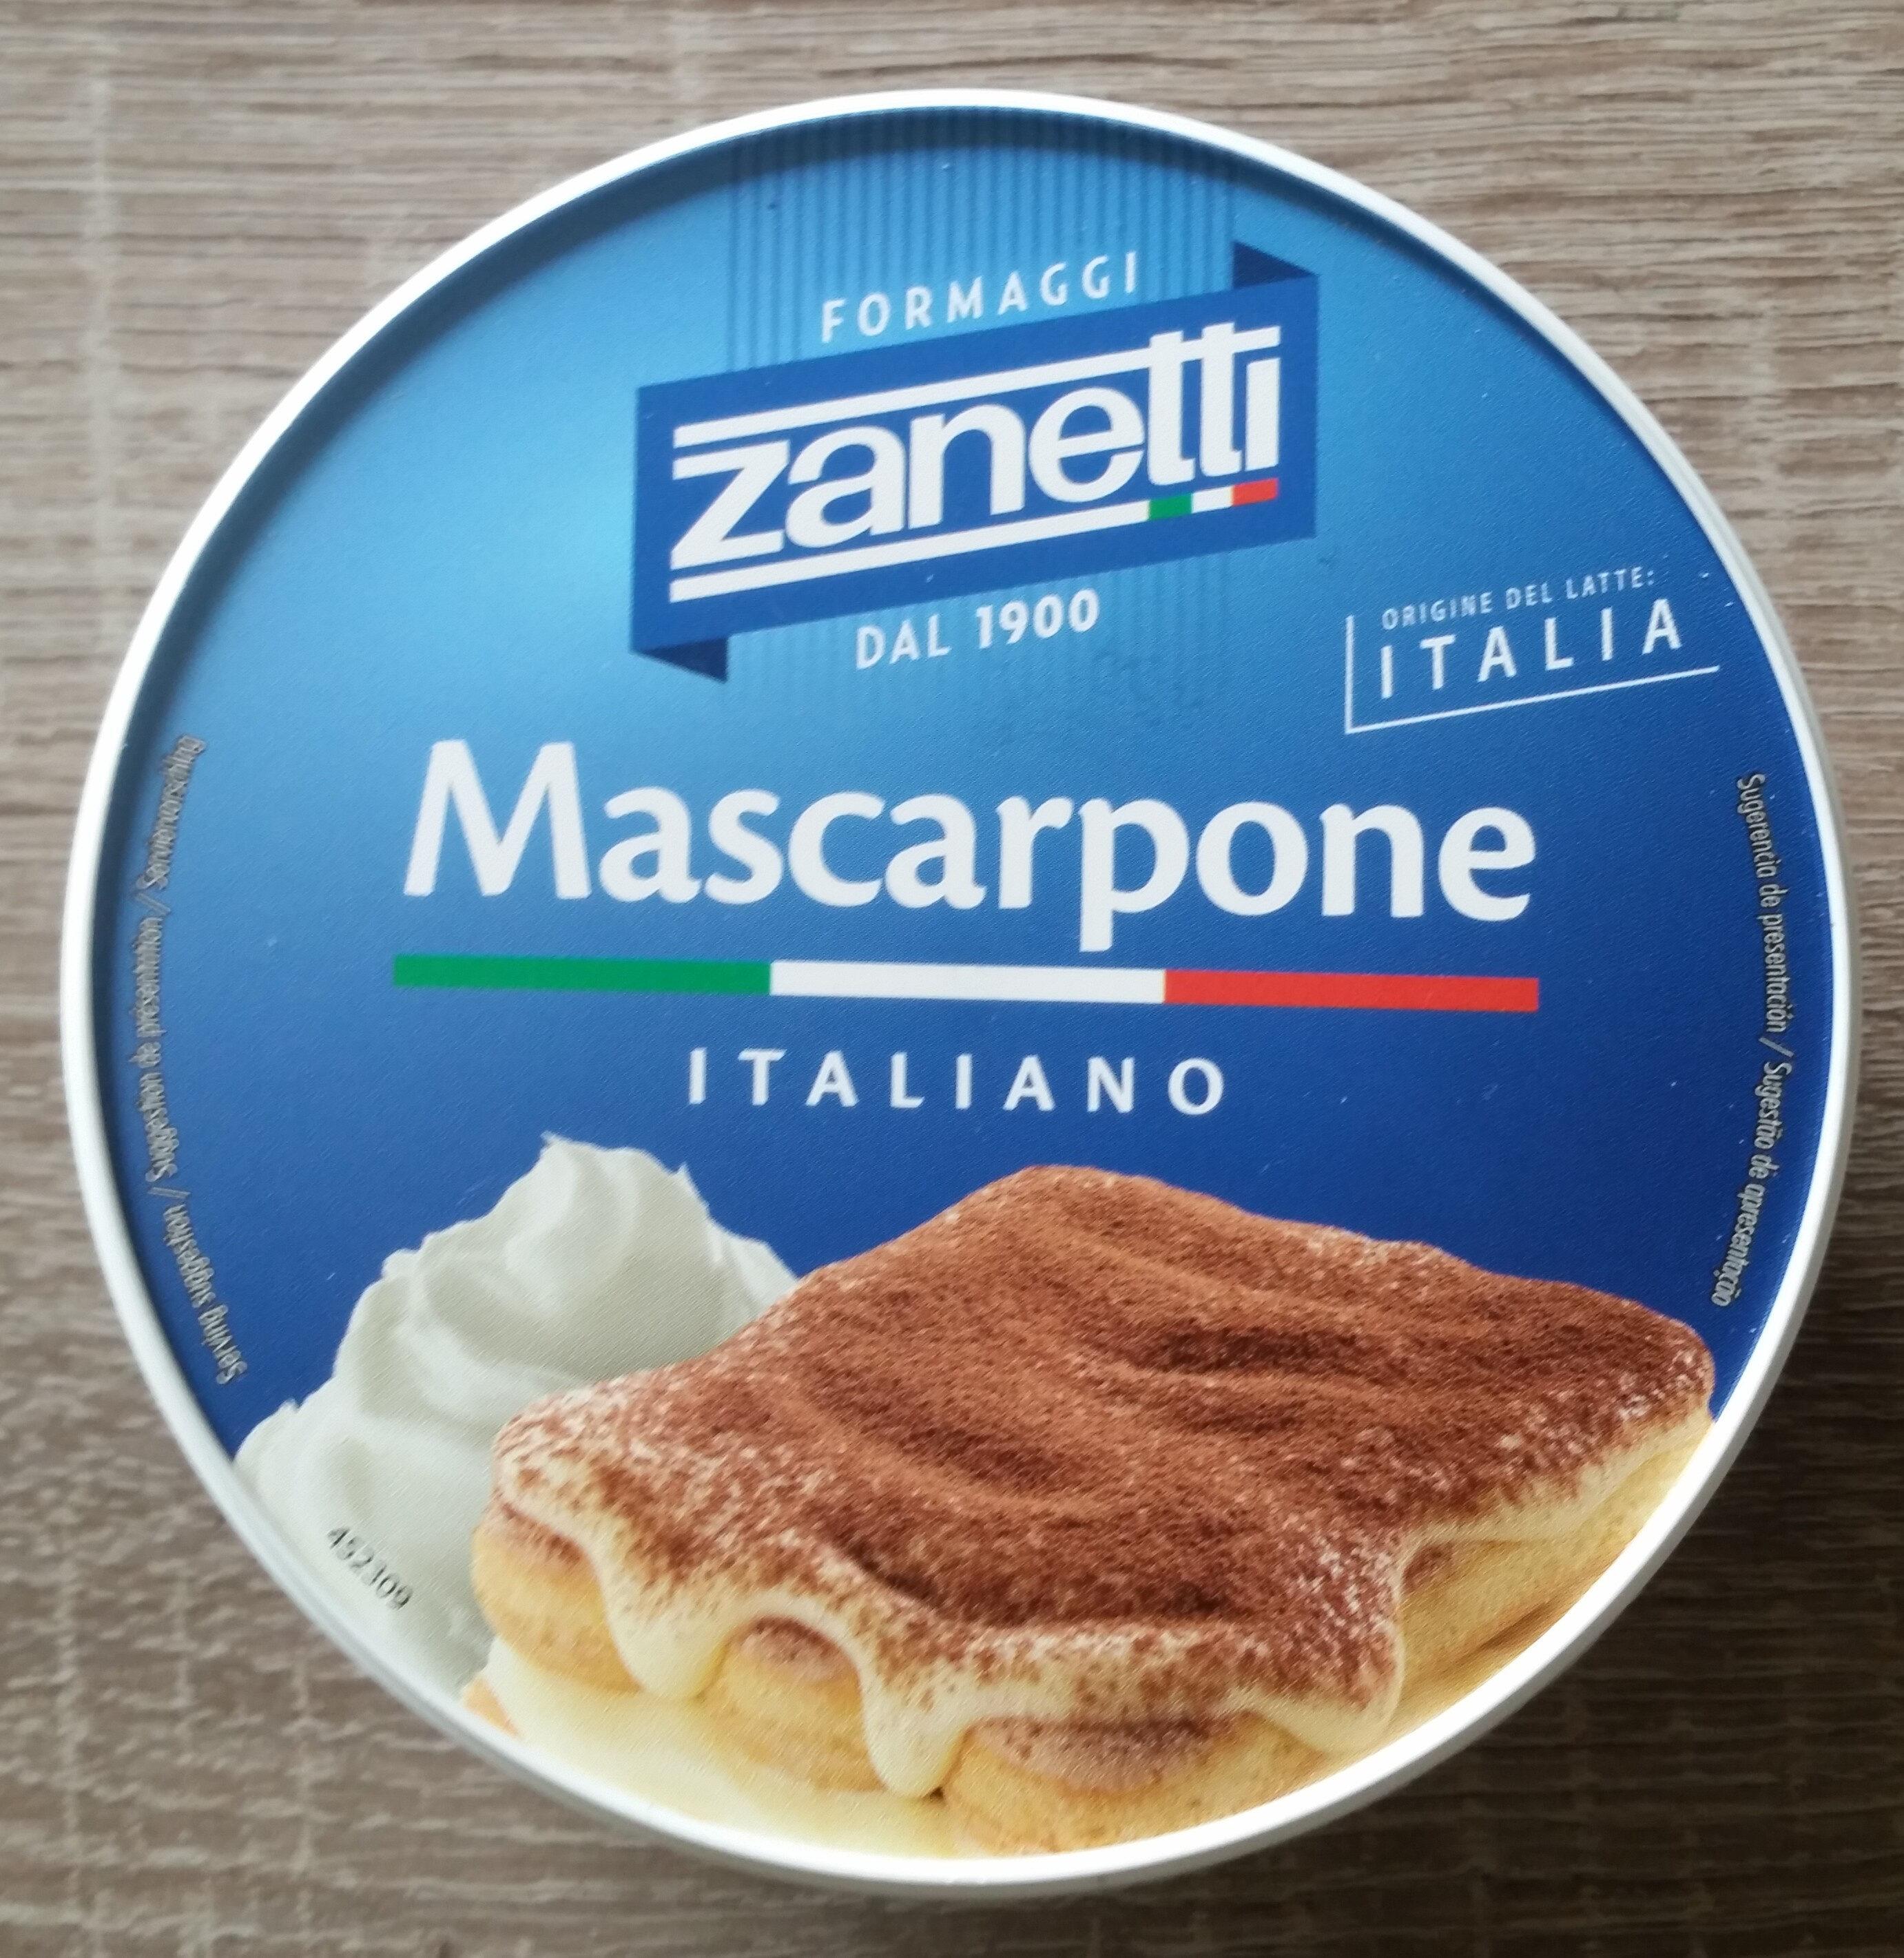 Mascarpone Zanetti 250 GR - Producto - sk